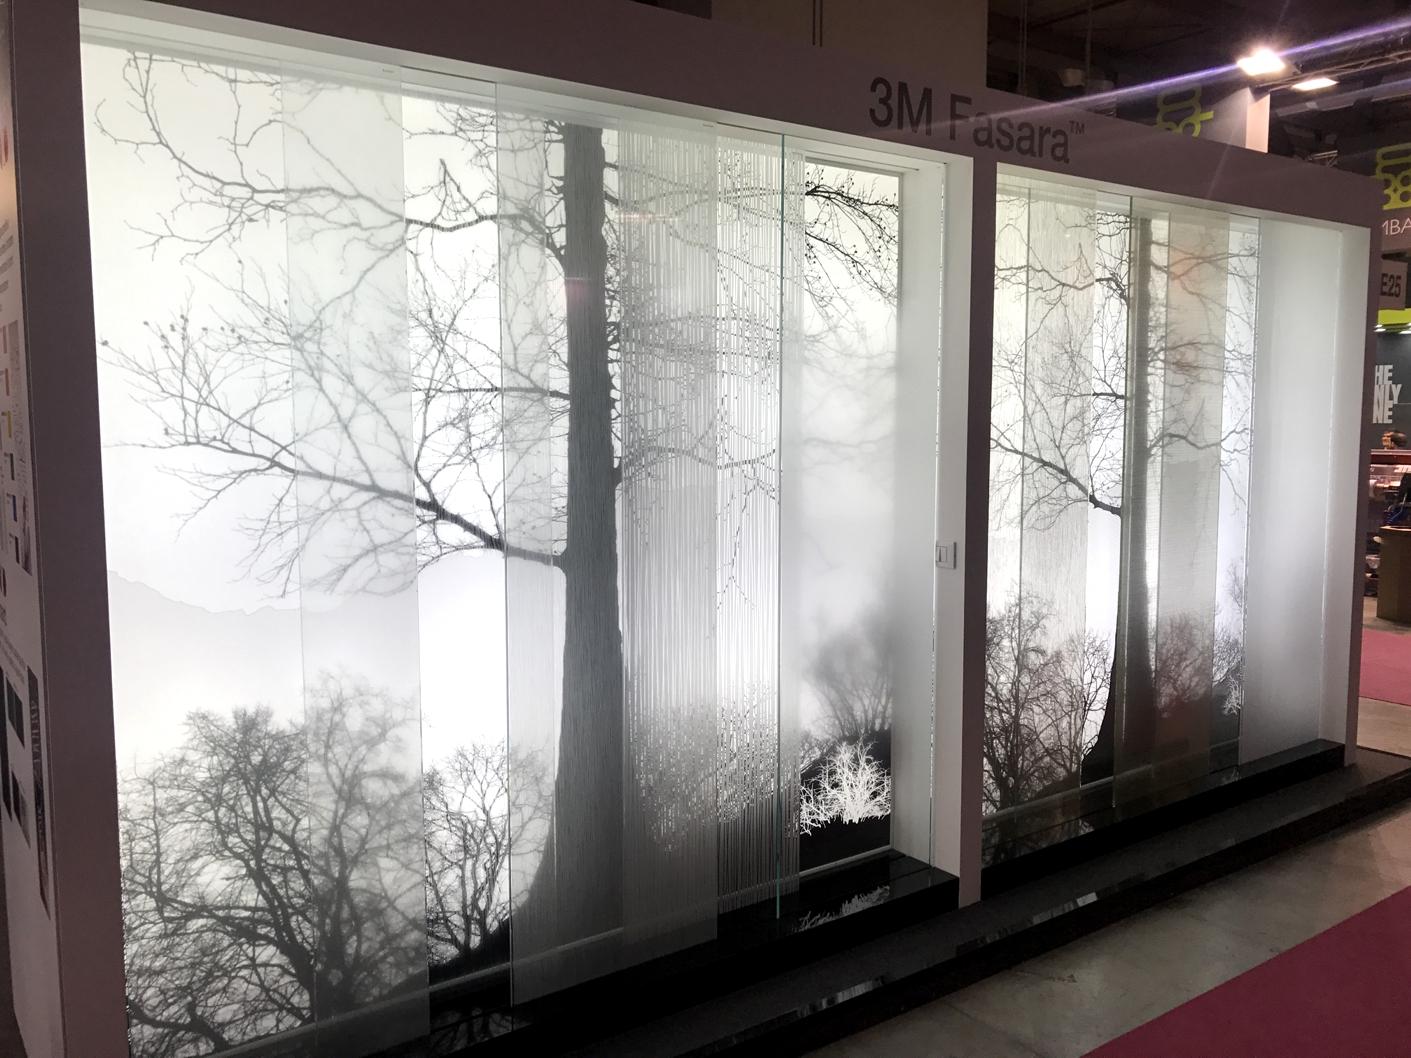 Pellicola vetri 3m fasara noi pubblicit servizi e - Pellicola vetri casa ...